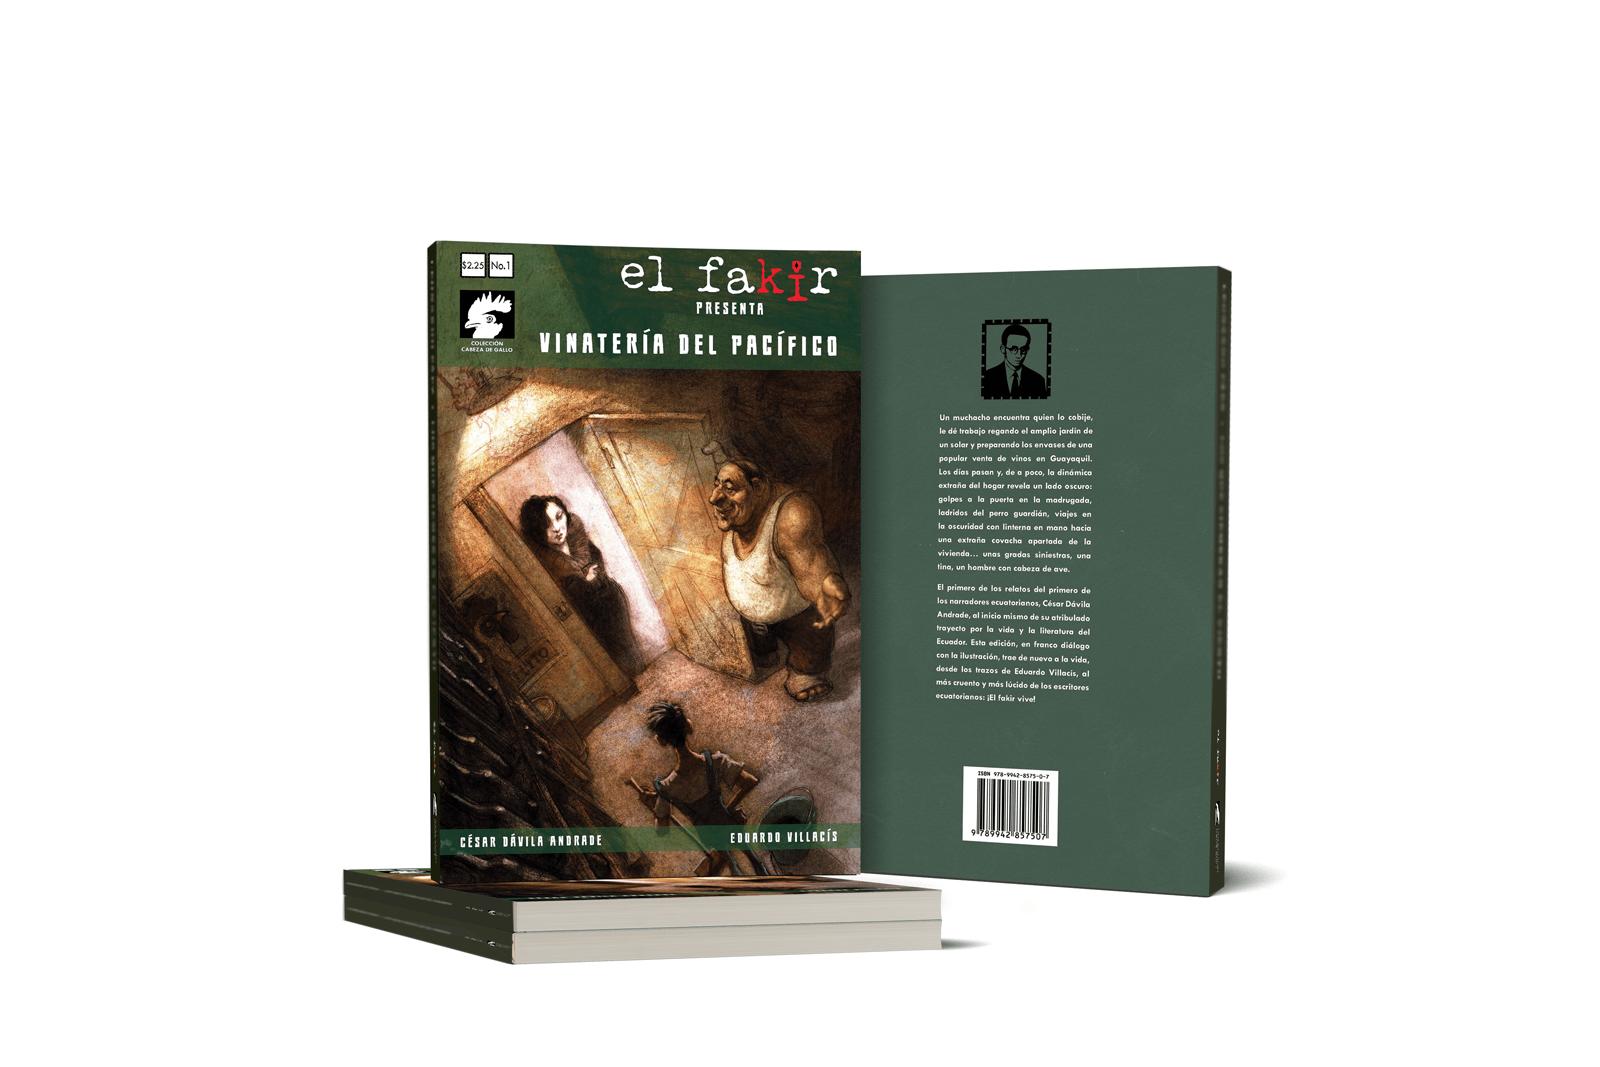 Catalogo-Mockup-5-sfe